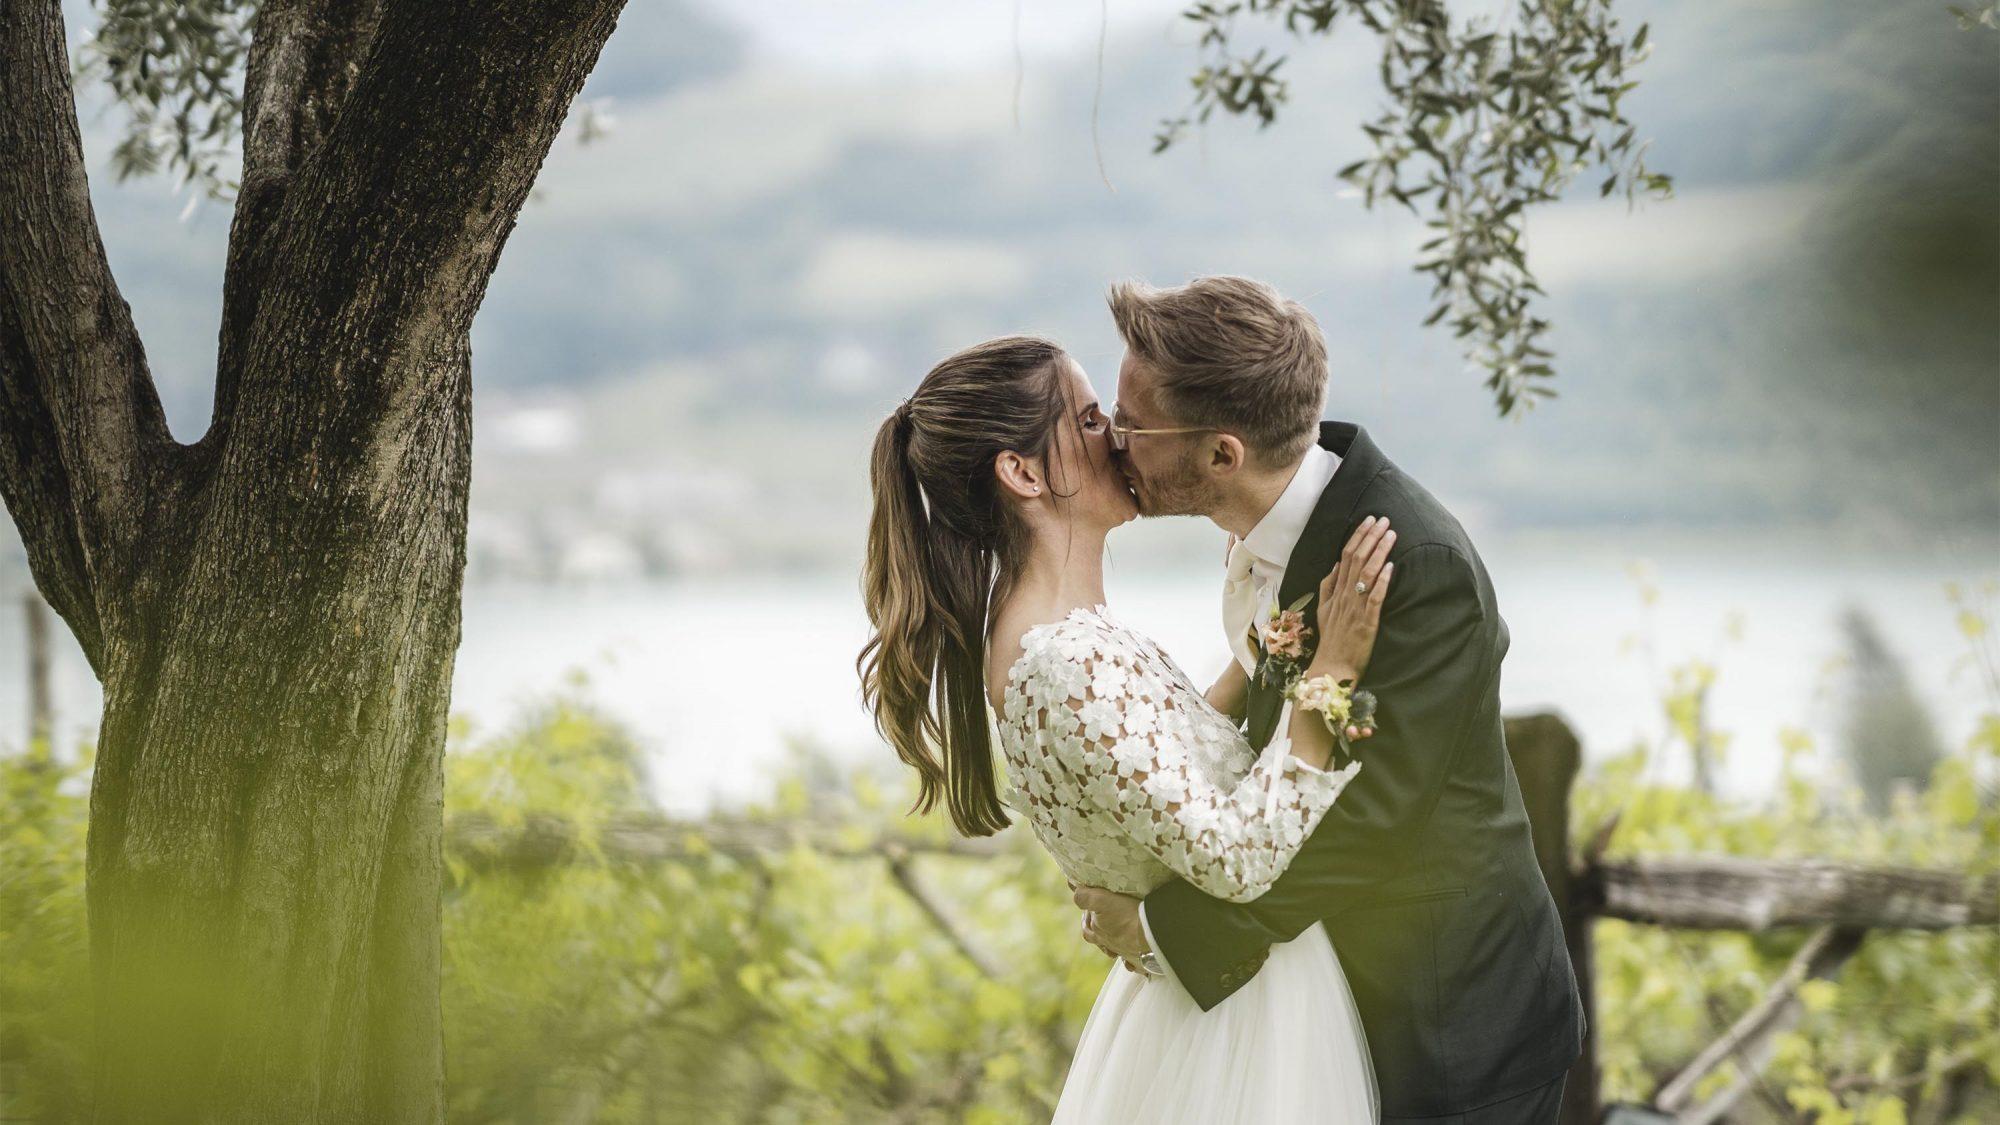 Luisi & Markus Hochzeit in Kaltern